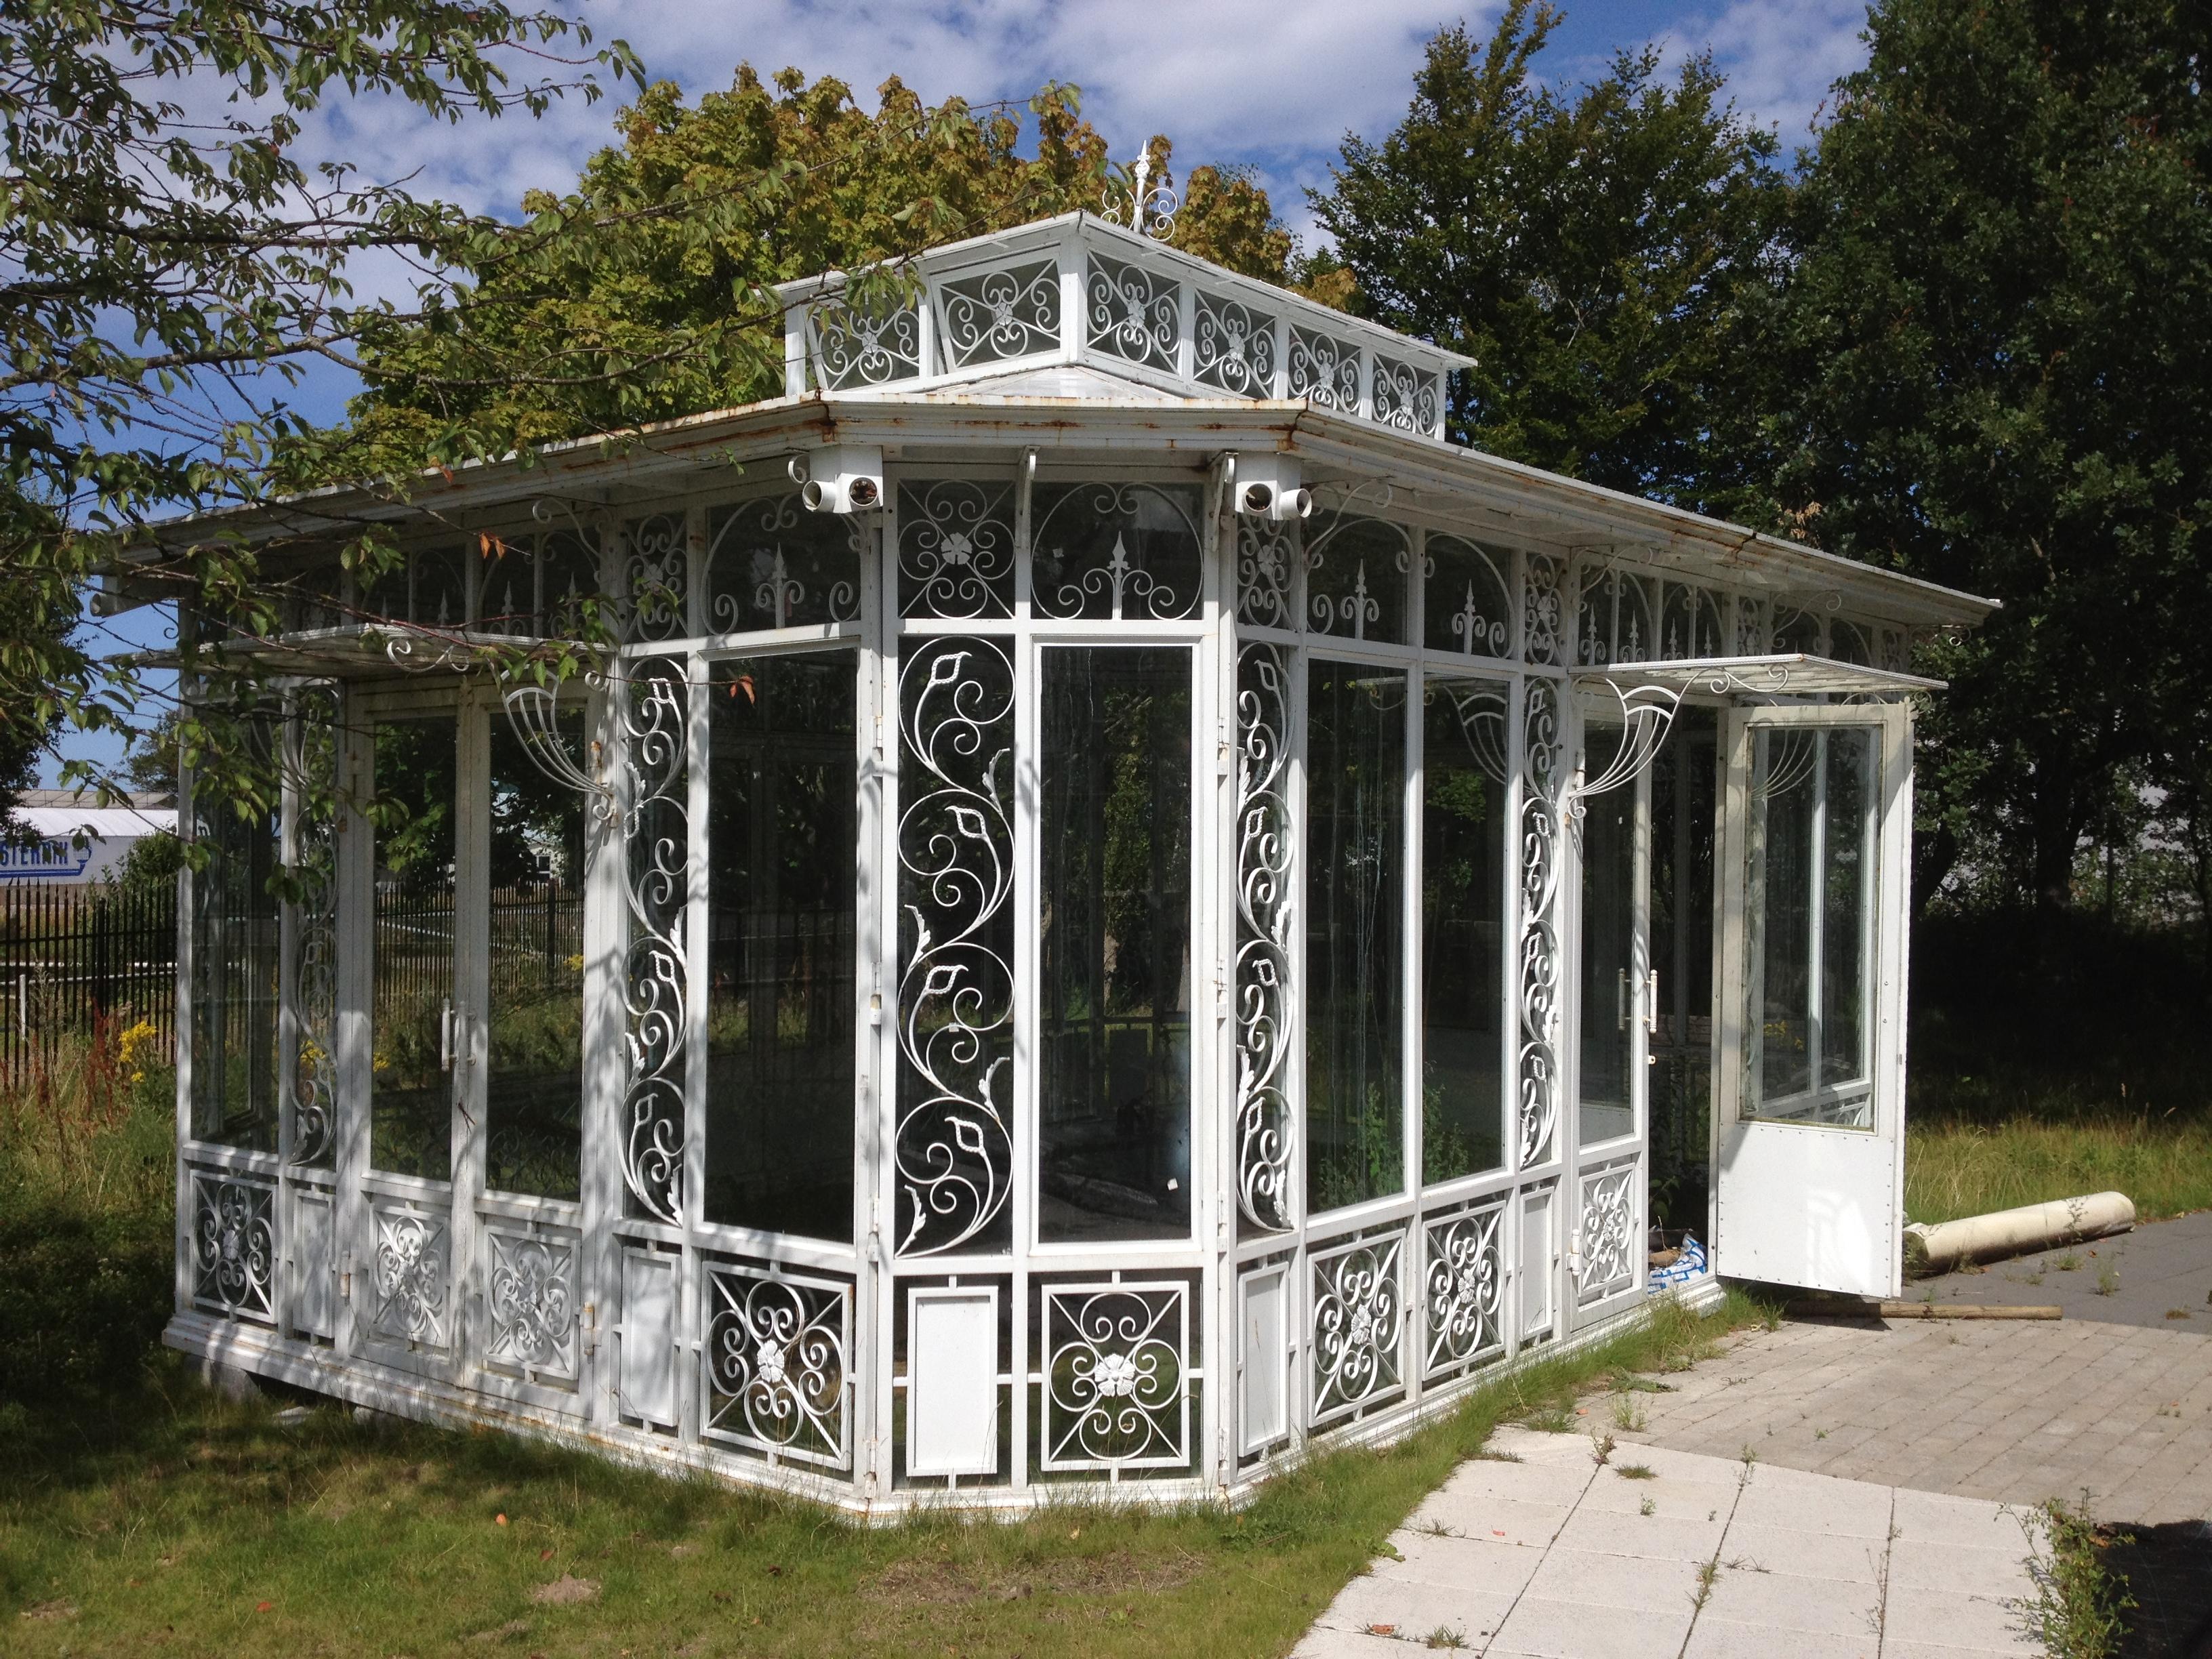 Luna Eks trädgårdsblogg - Sida 54 av 67 - trädgård ...